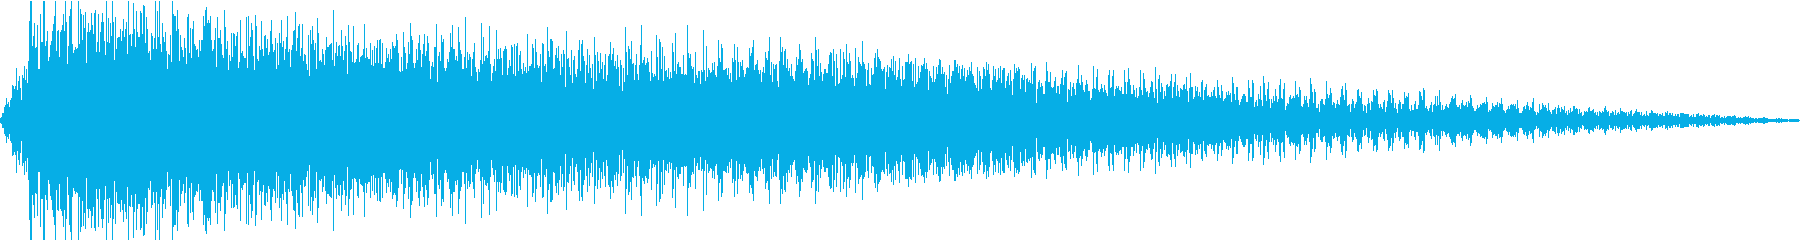 壮大で肯定的なオルタナティブロック...の再生済みの波形